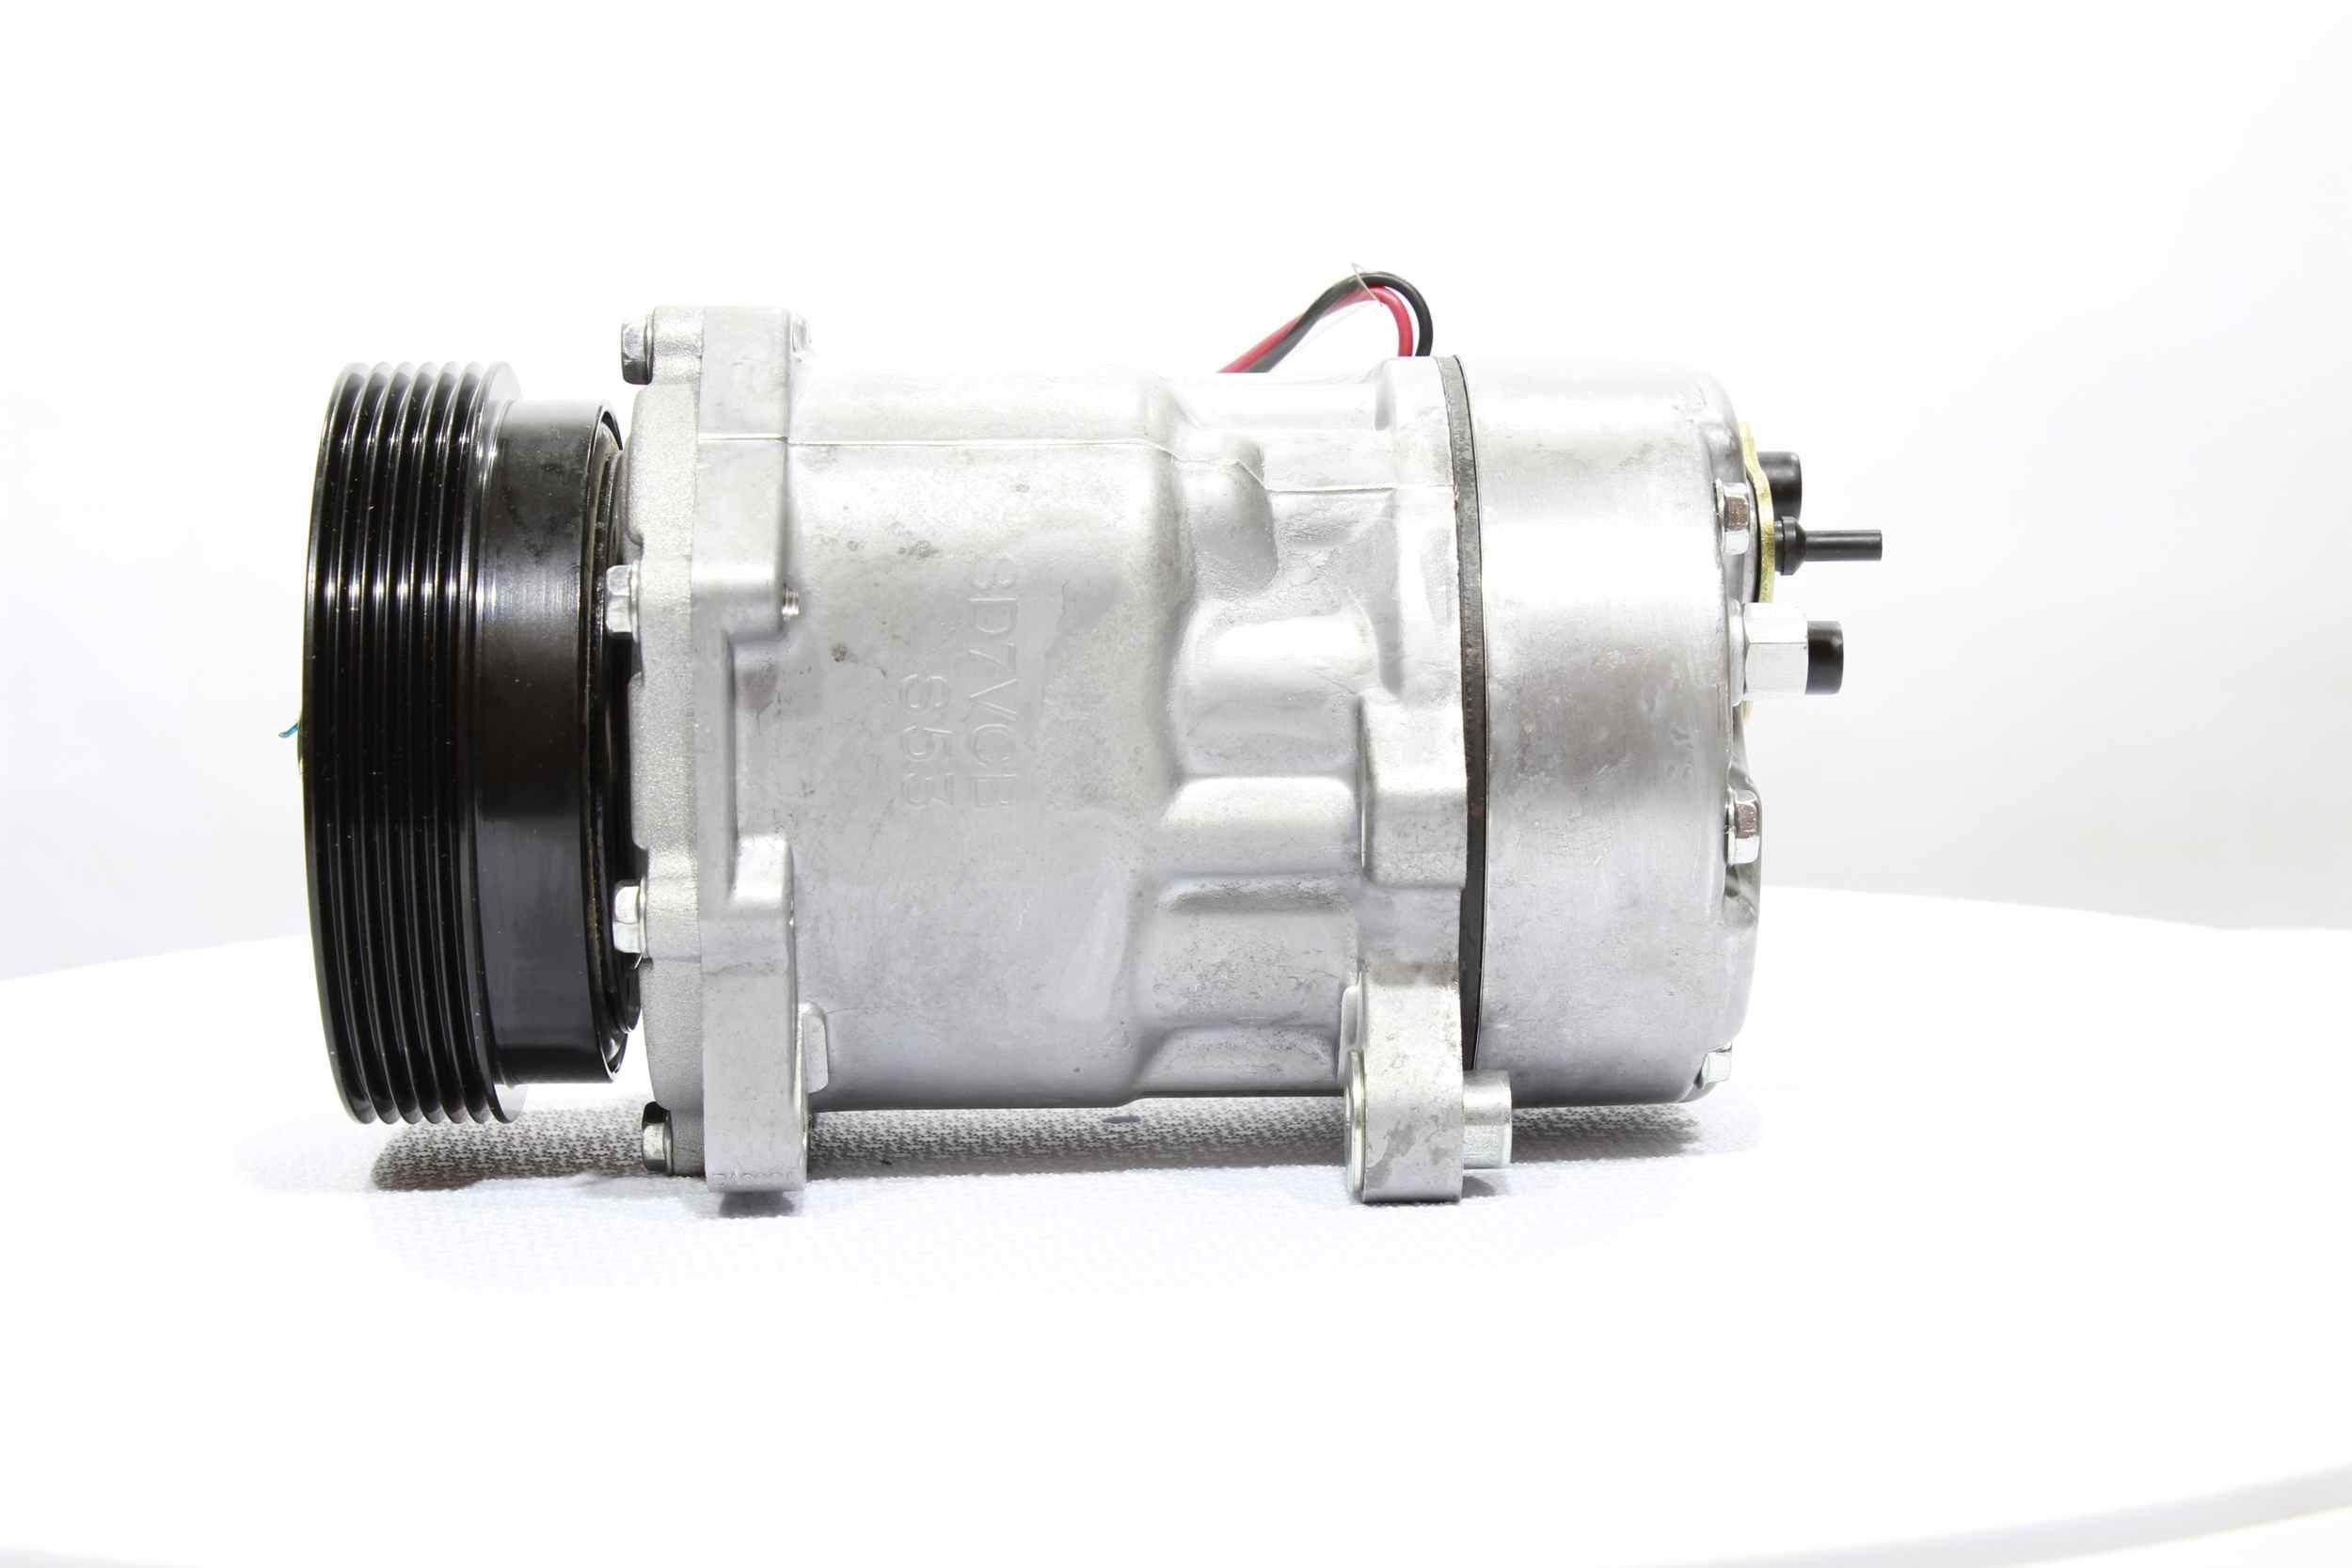 Kältemittelkompressor ALANKO 10550015 Erfahrung